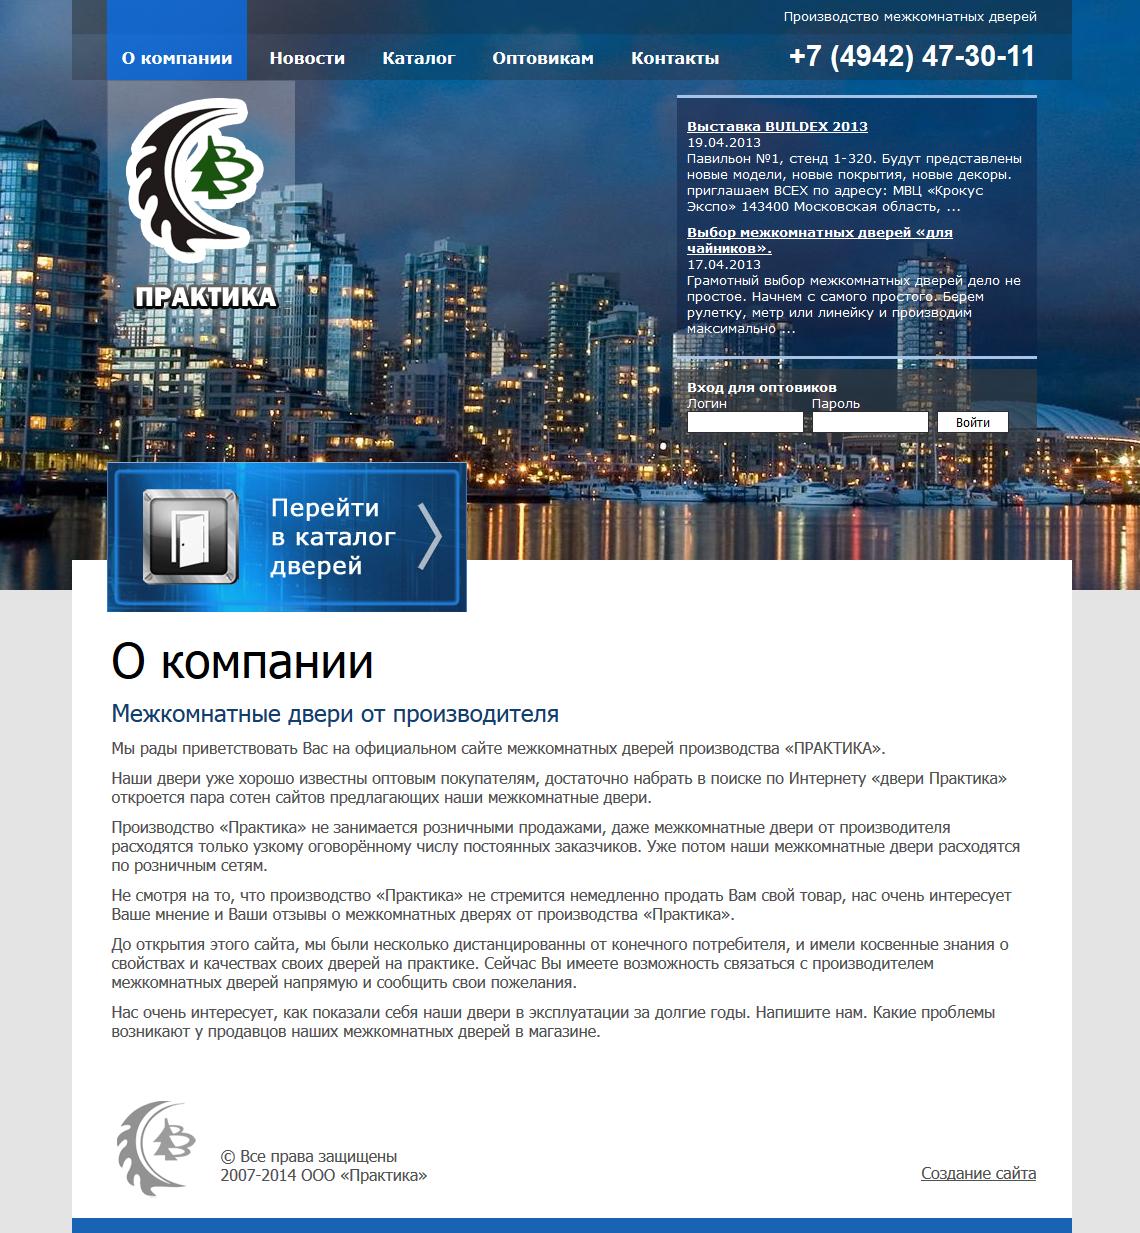 Сайт производственной компании «Практика». Создание сайтов в Костроме